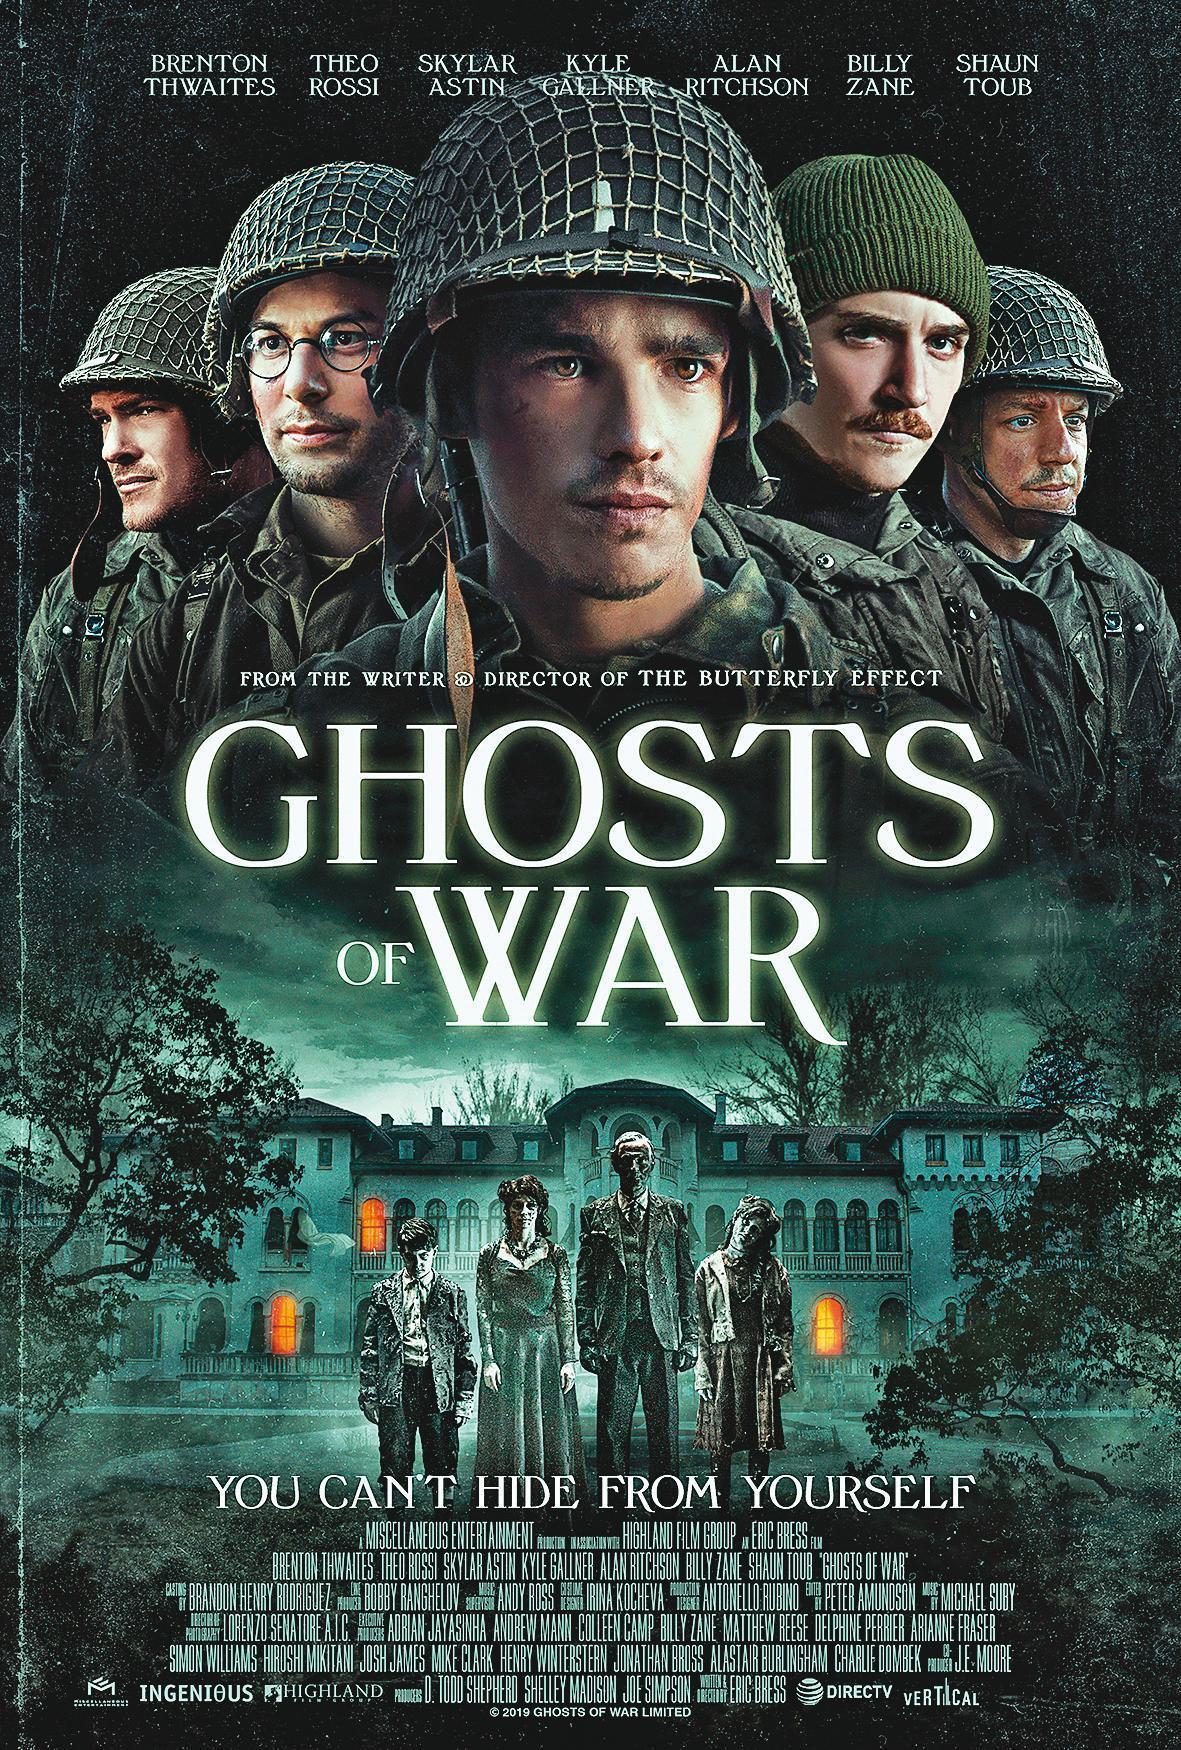 《战争中的鬼故事》创意绝佳的神转弯 7788